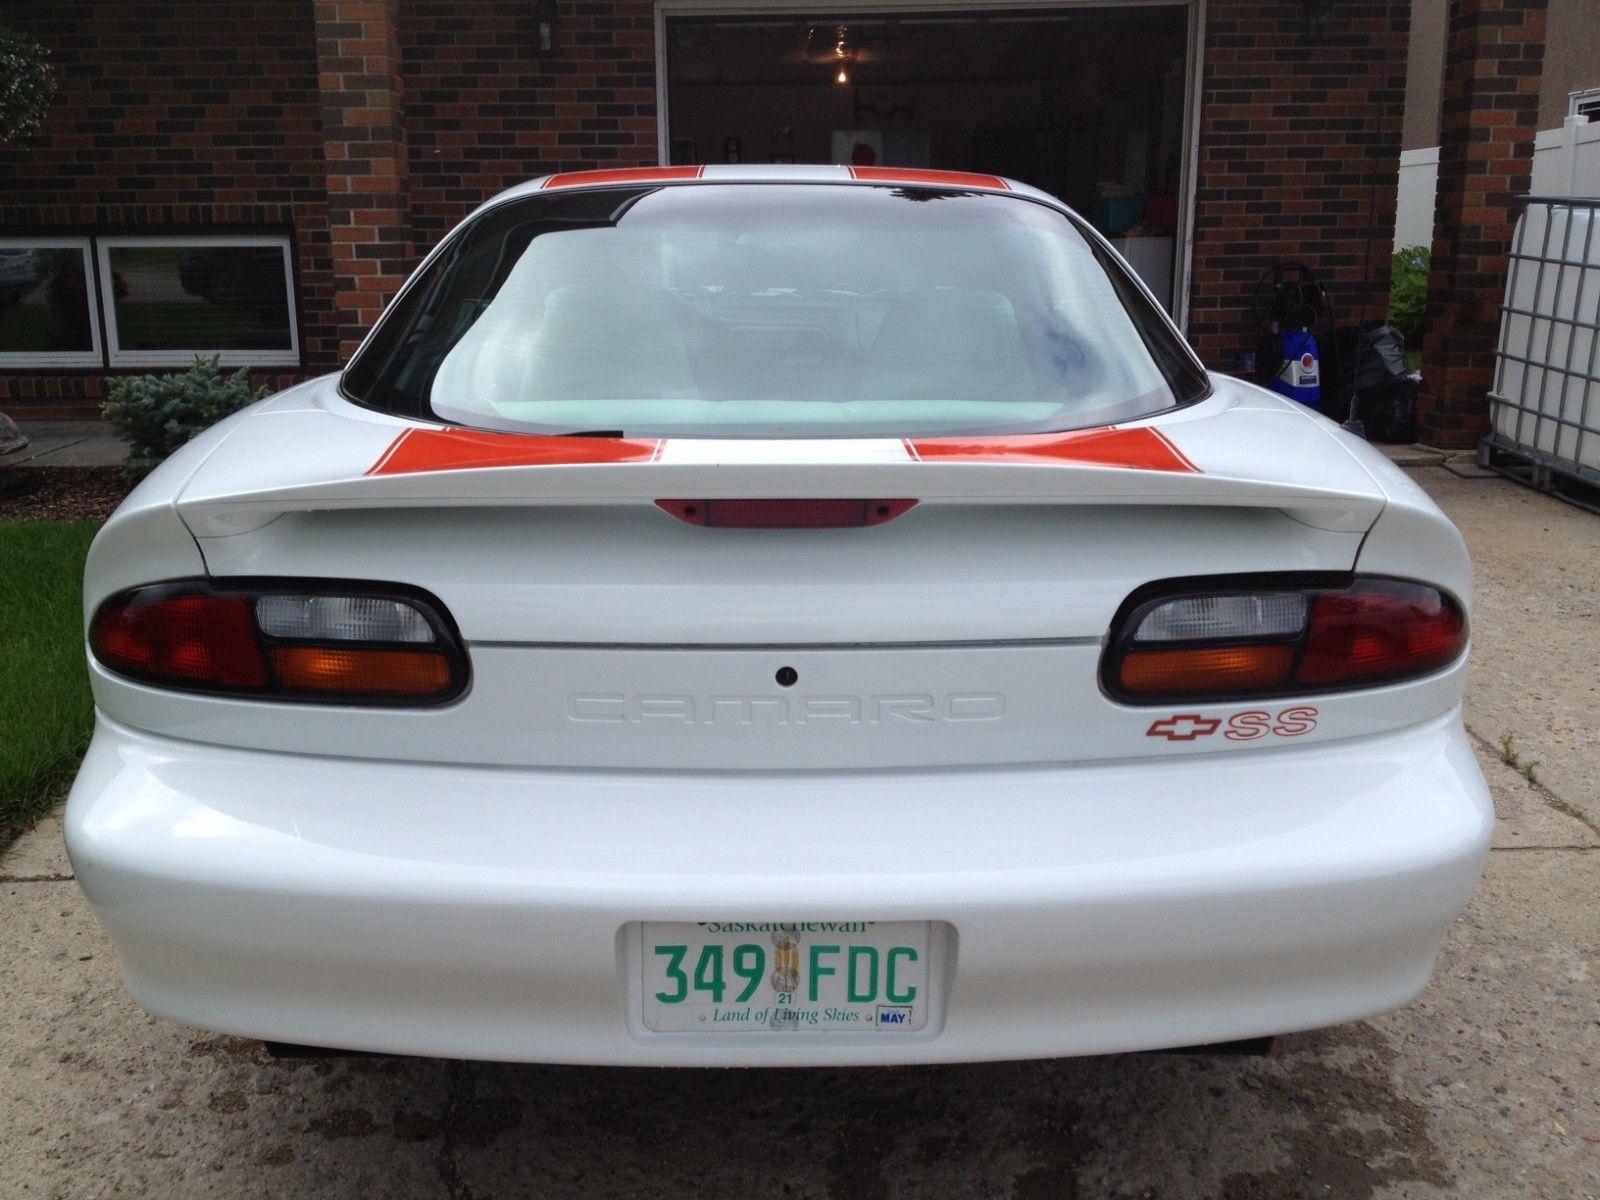 1997 Chevrolet Camaro hardtop rear